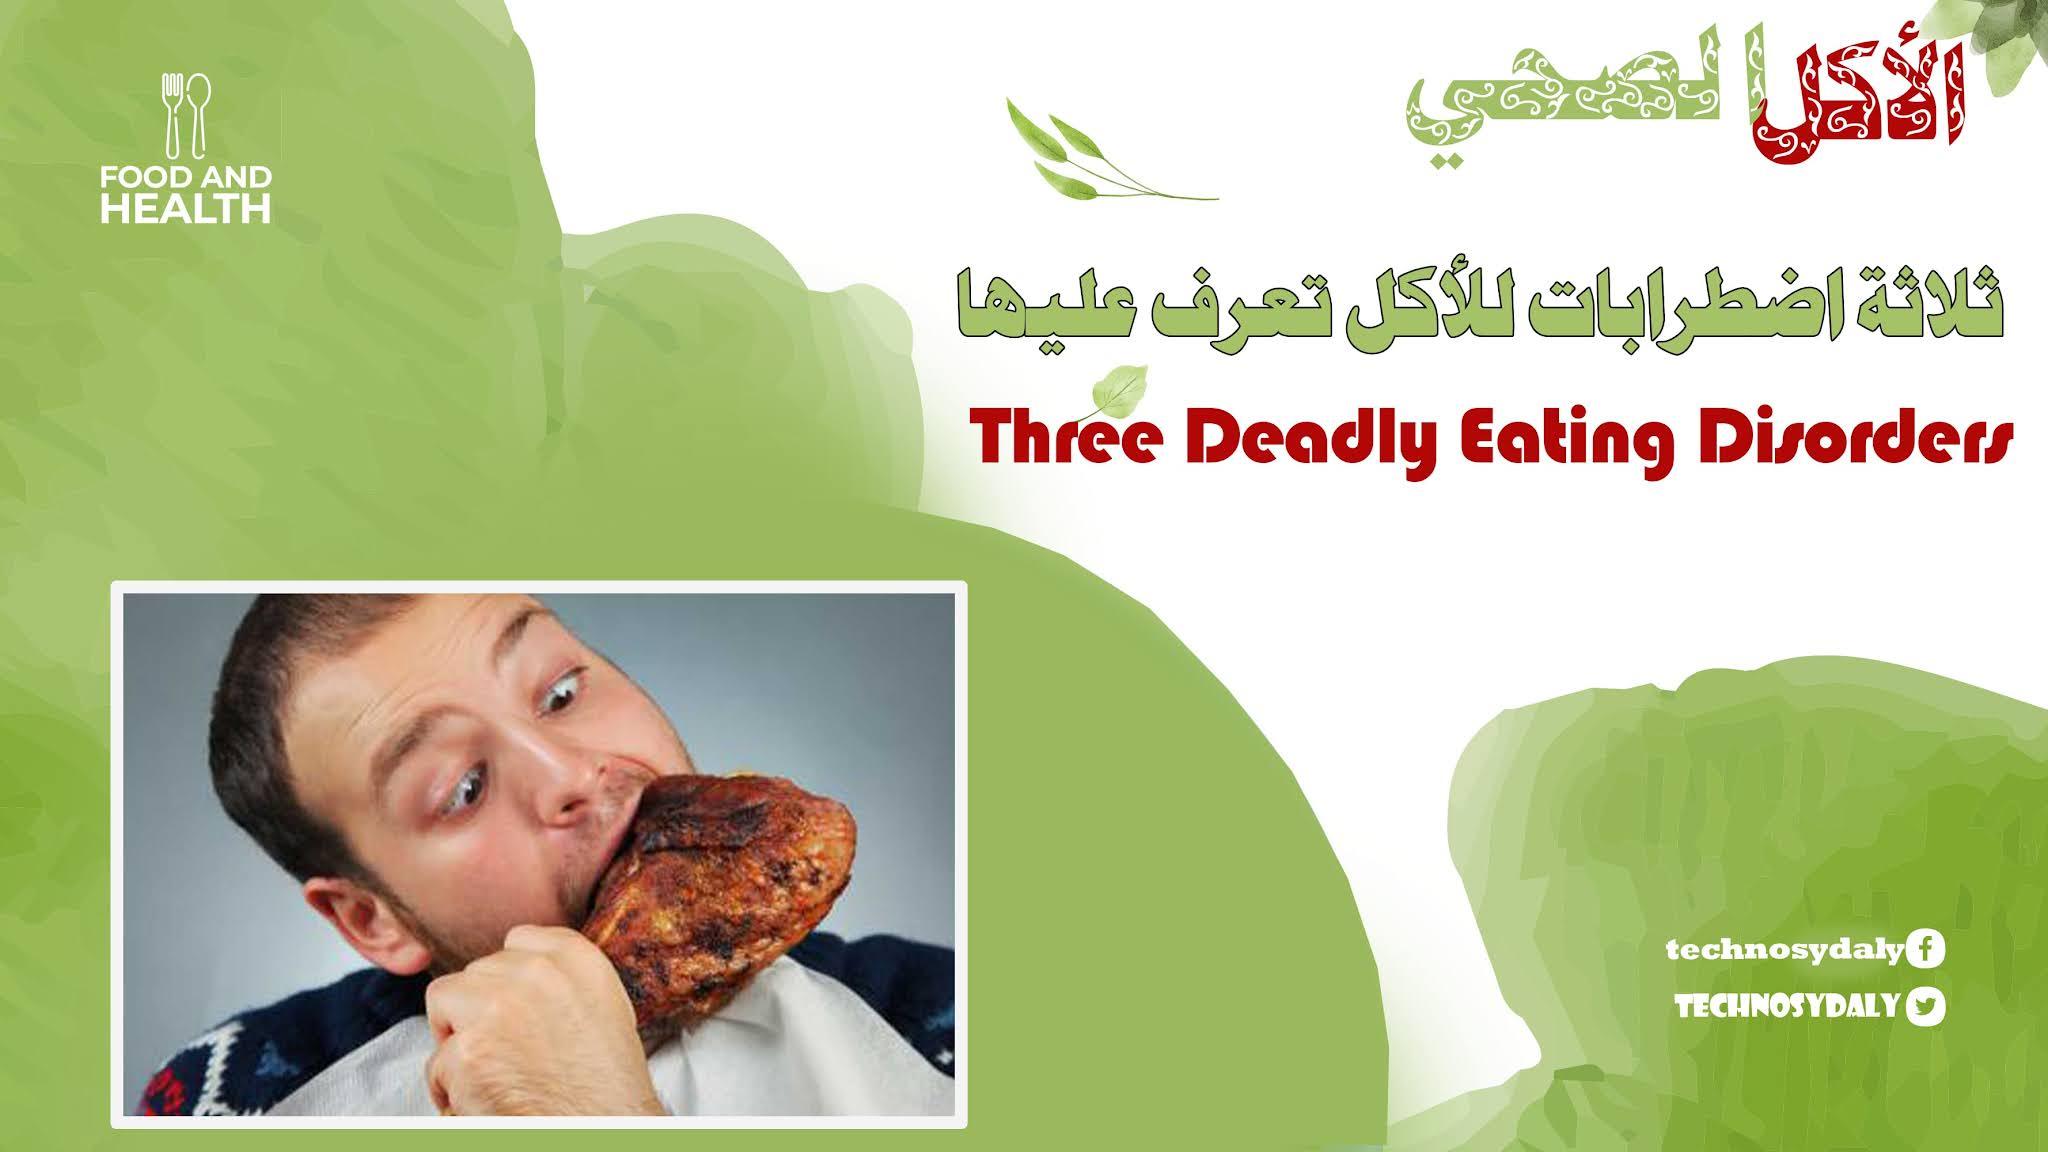 ثلاثة اضطرابات للأكل تعرف عليها Three Deadly Eating Disorders